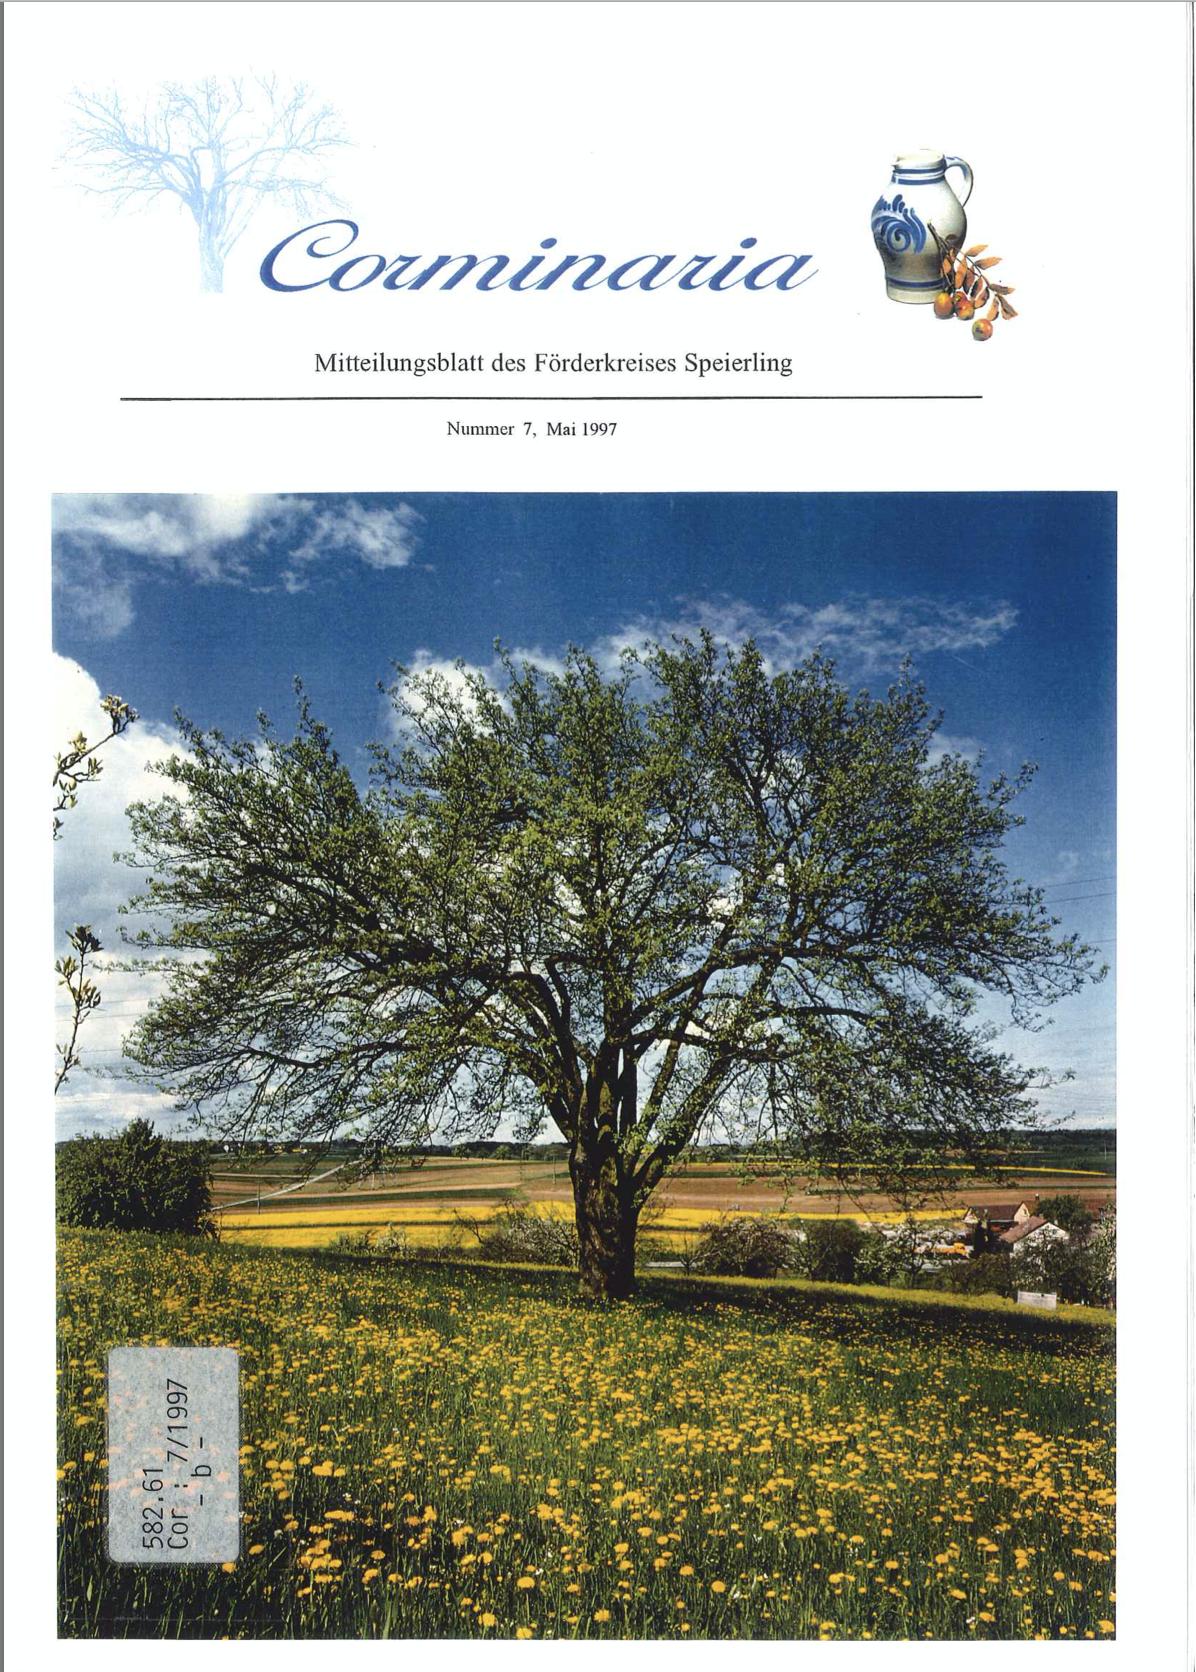 Corminaria Heft Nr. 7